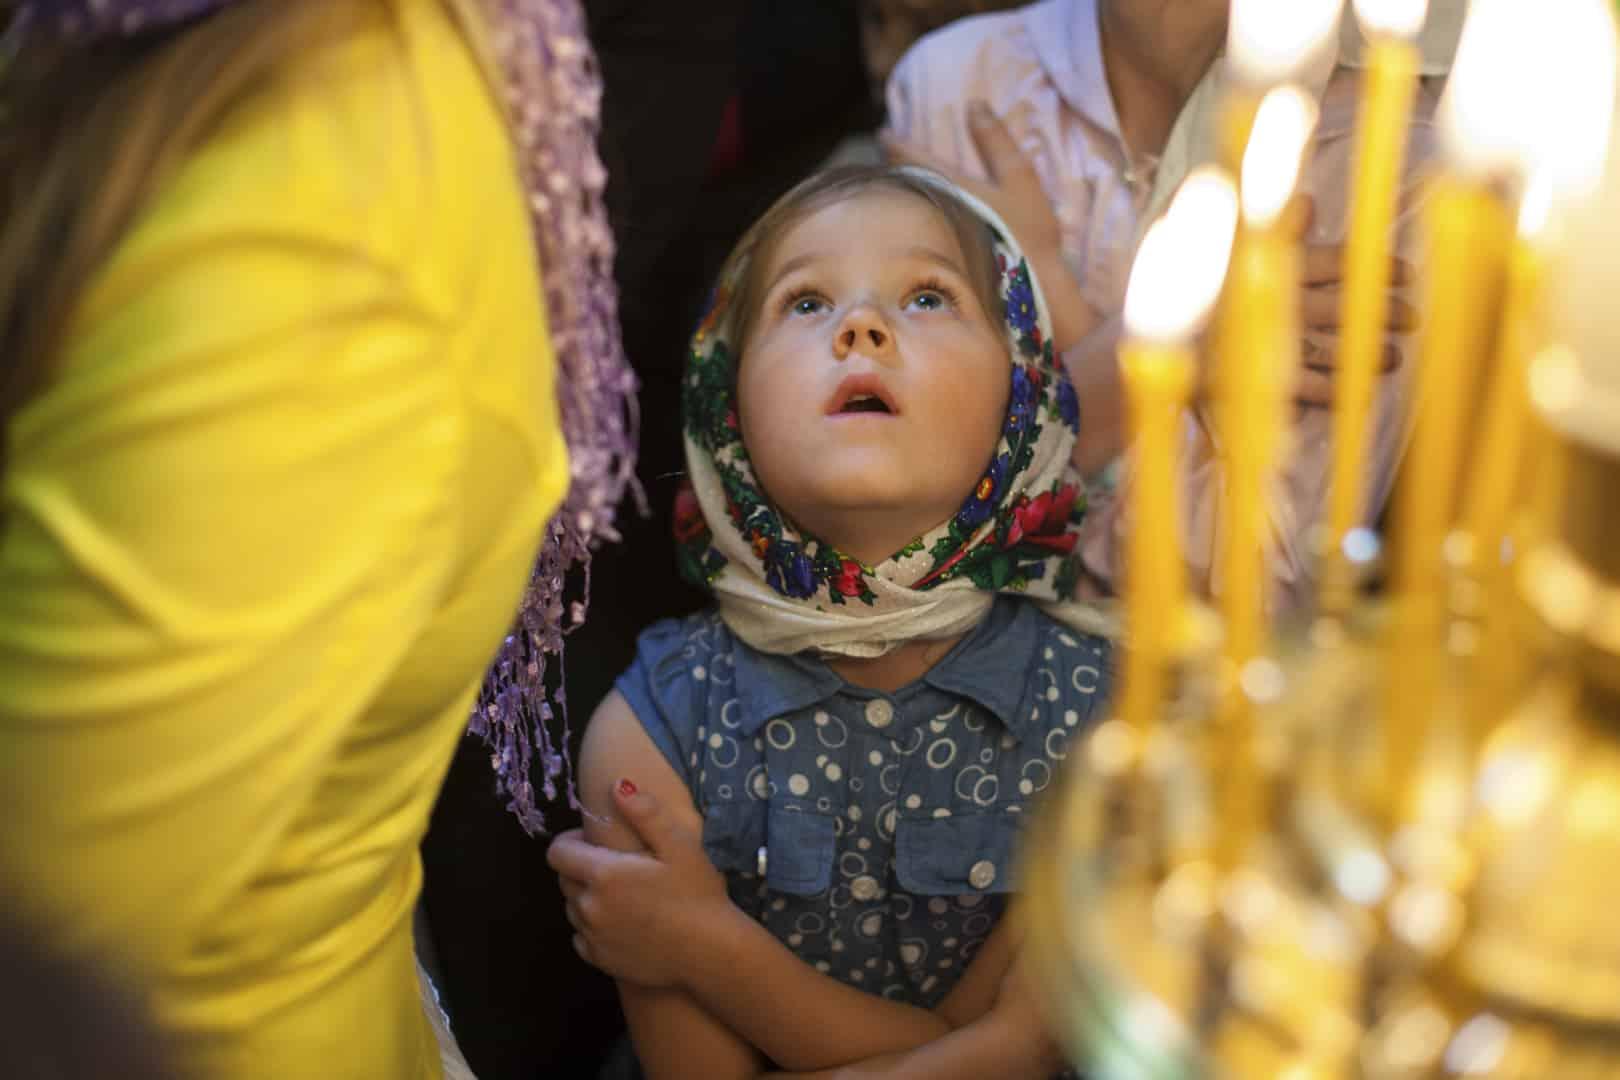 Какой церковный праздник сегодня 21 июля 2019: православный праздник Казанская летняя (Прокопьев день, Зажинки) 21.07.2019